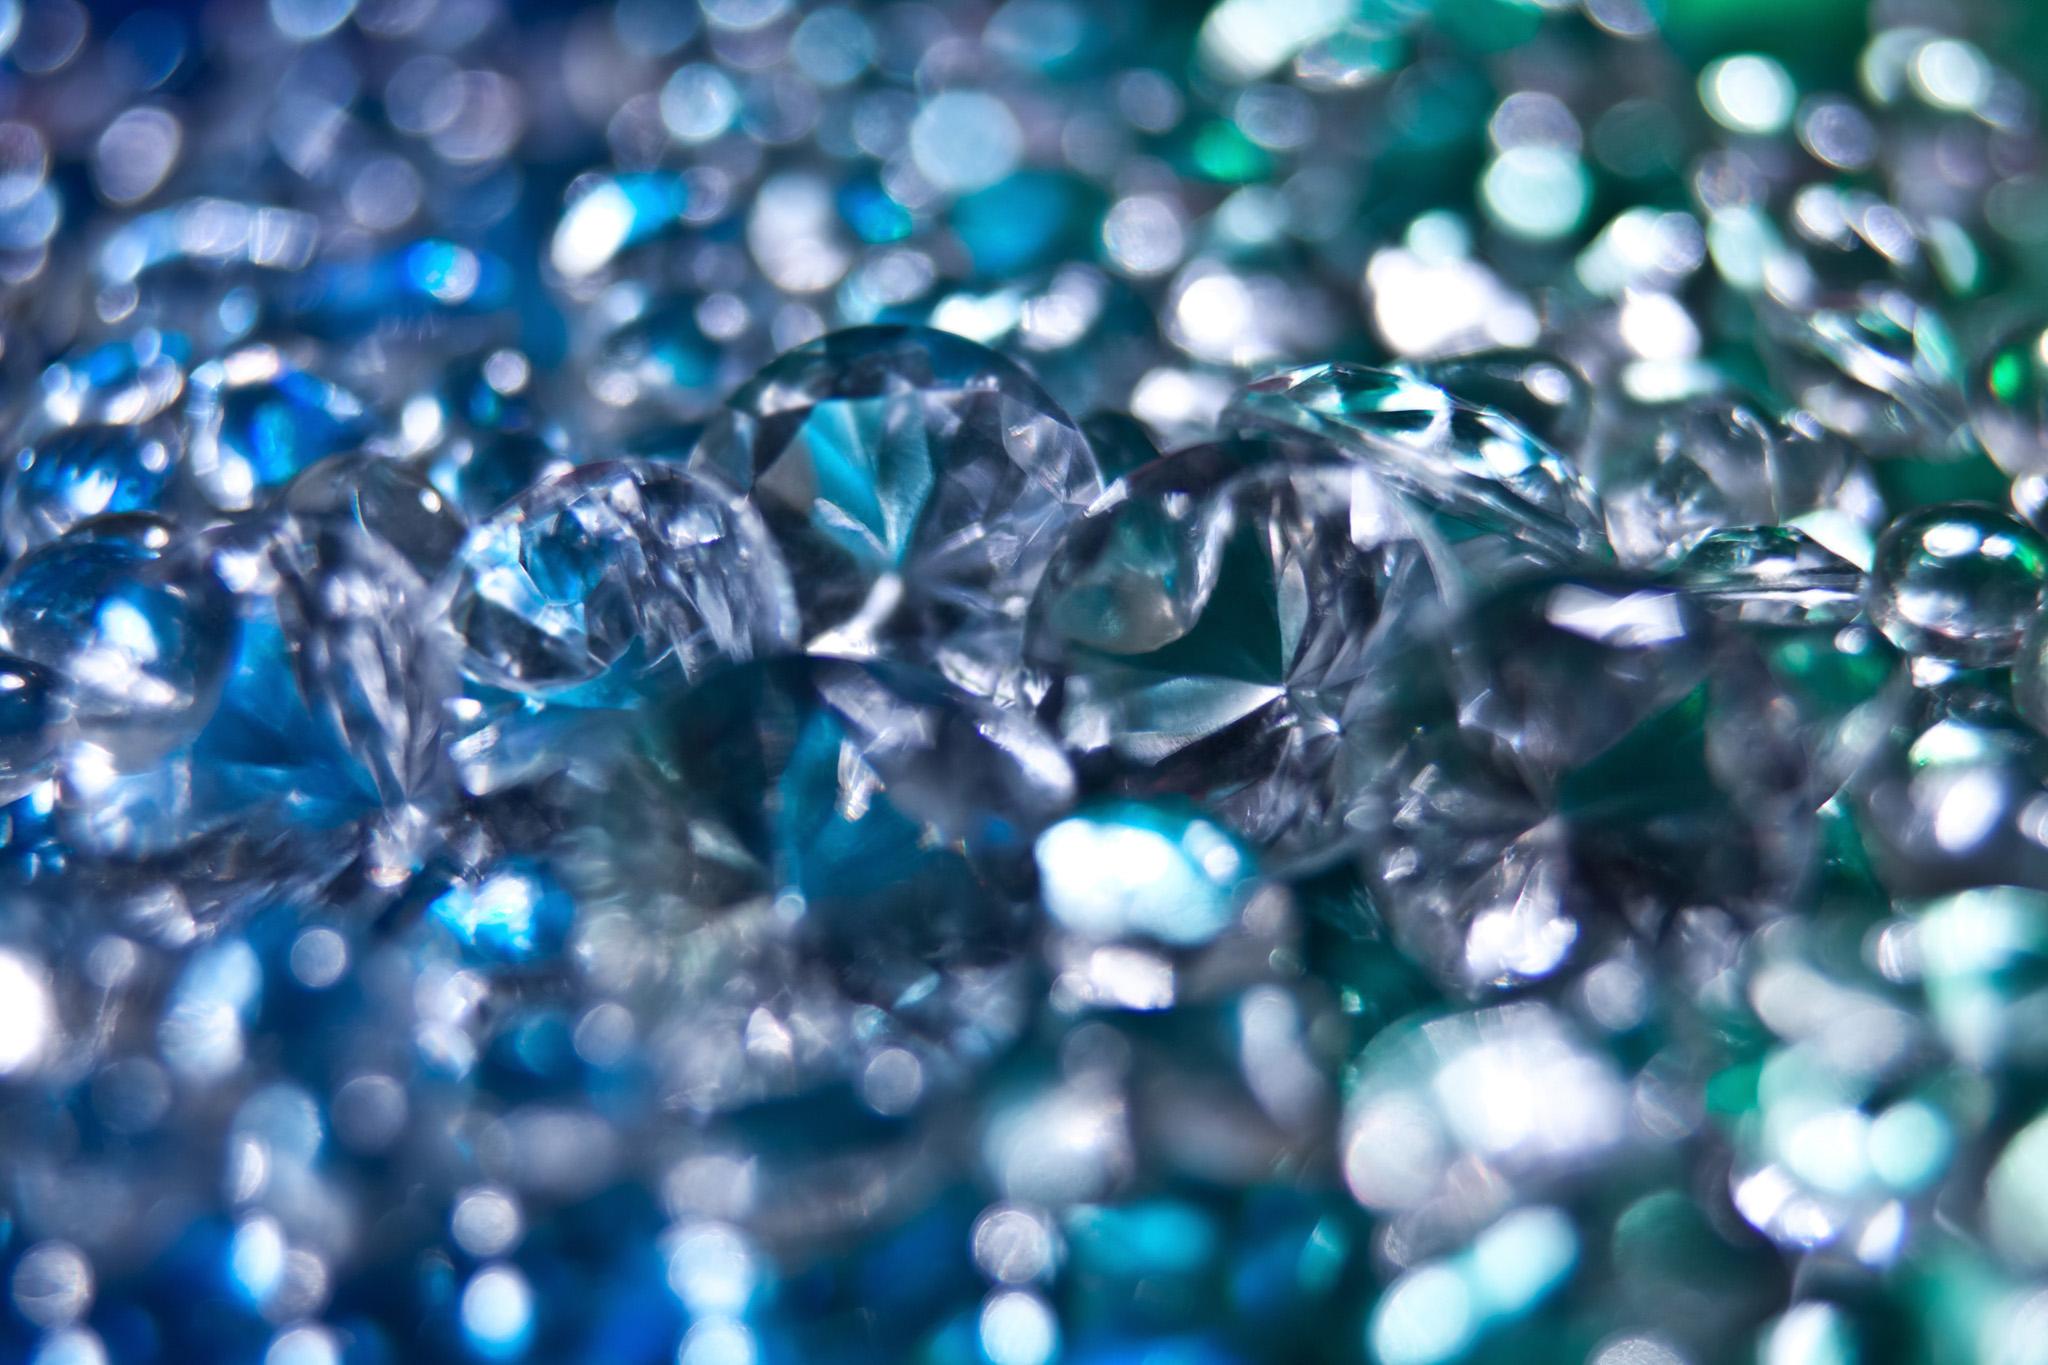 「青と緑のキラキラの渦」